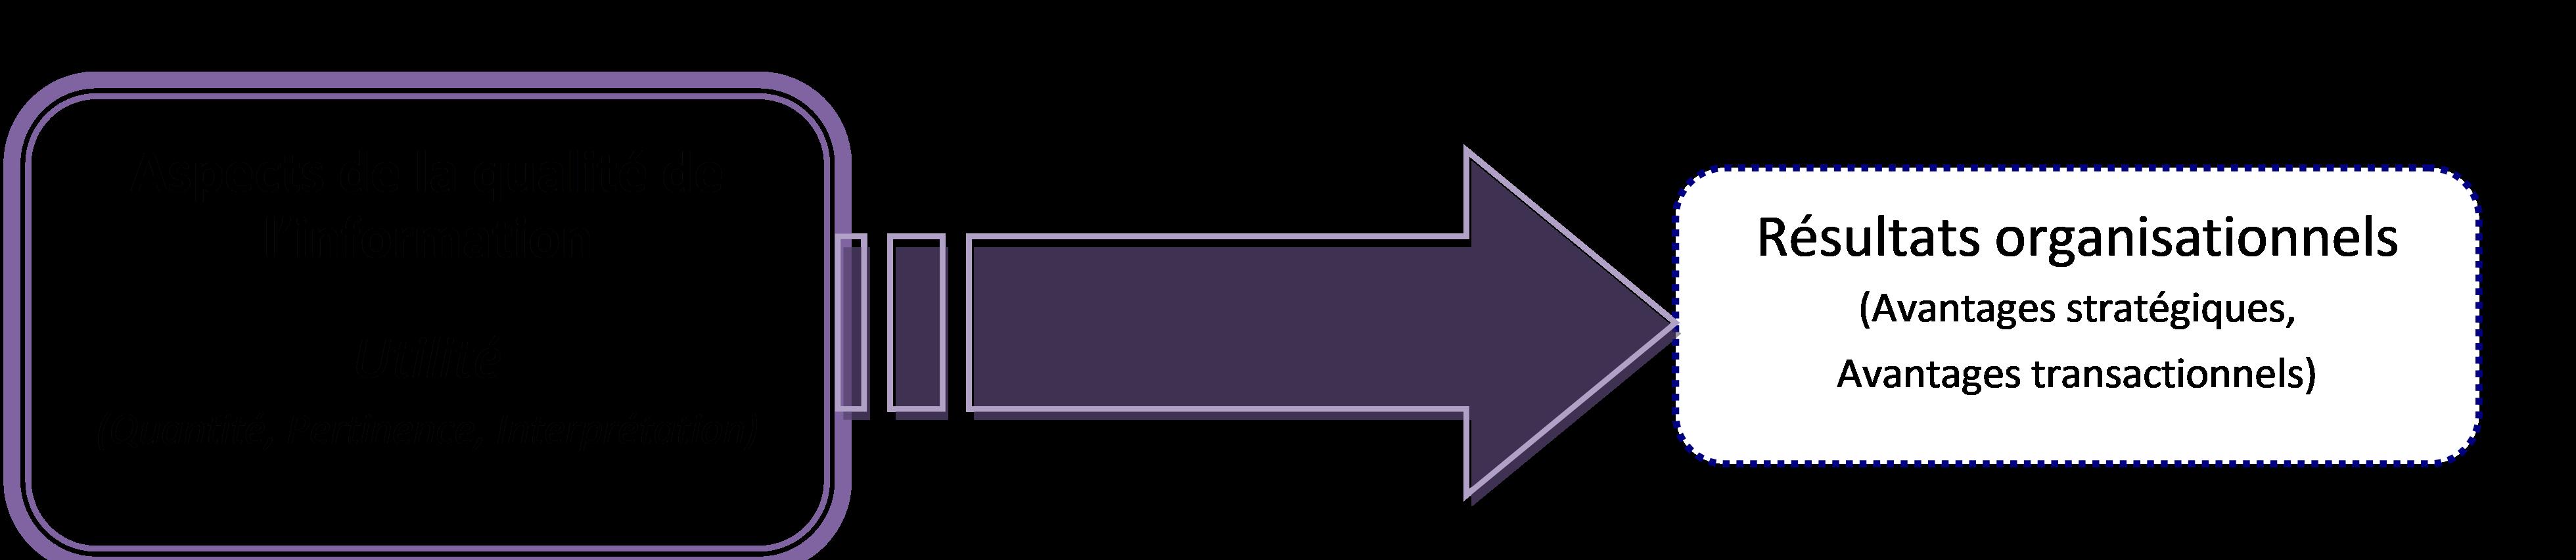 Zaidi figure 2